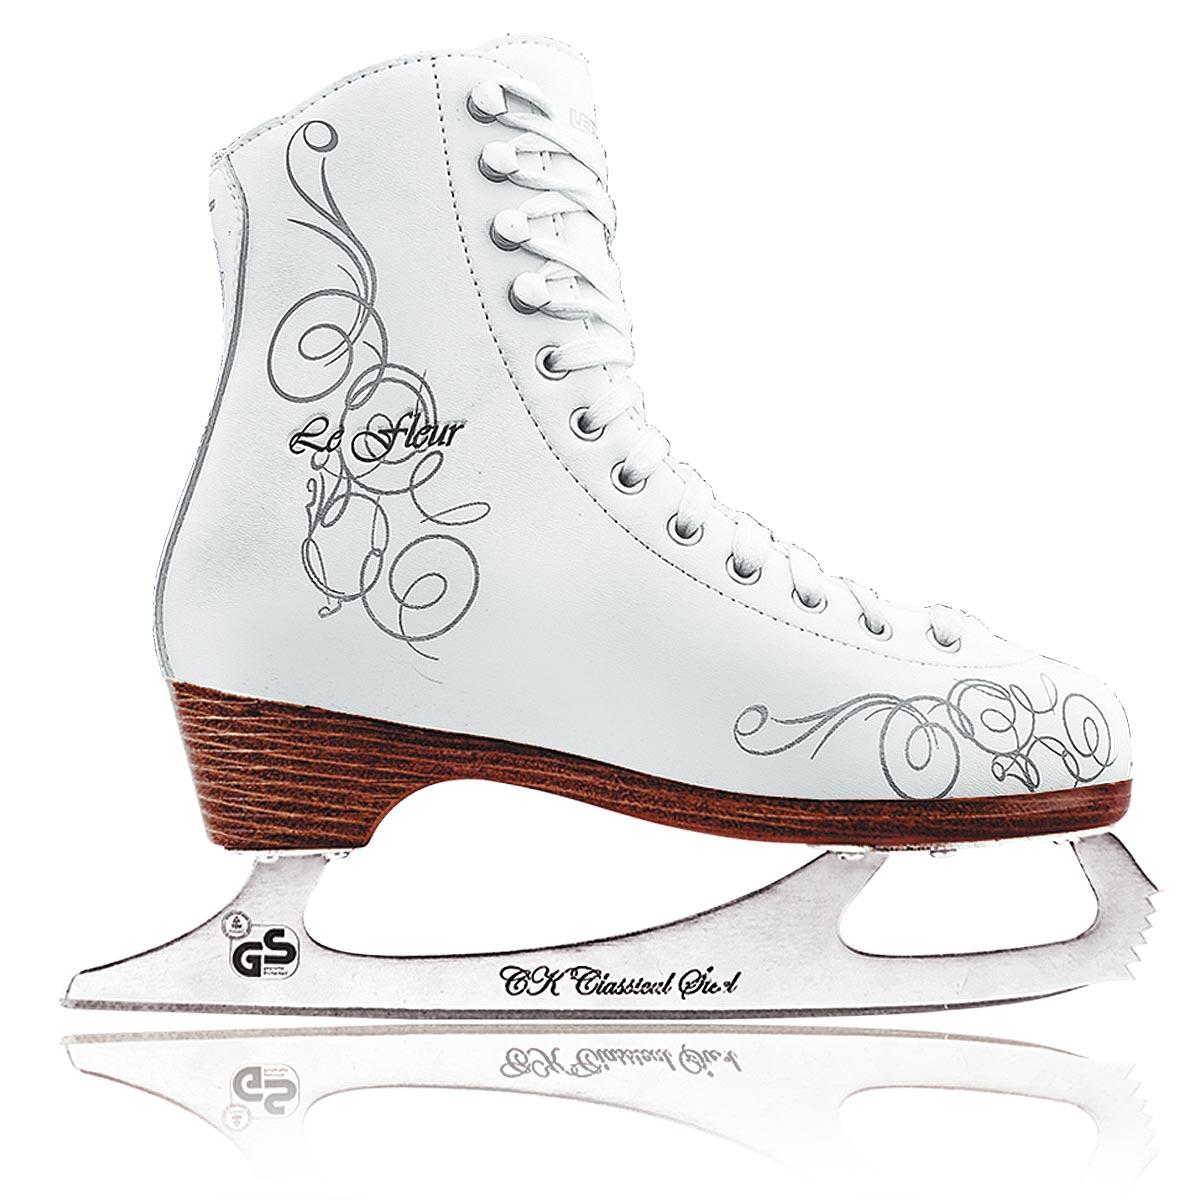 Коньки фигурные для девочки СК Le Fleur Fur, цвет: белый, серебряный. Размер 36LE FLEUR fur_белый, серебряный_36